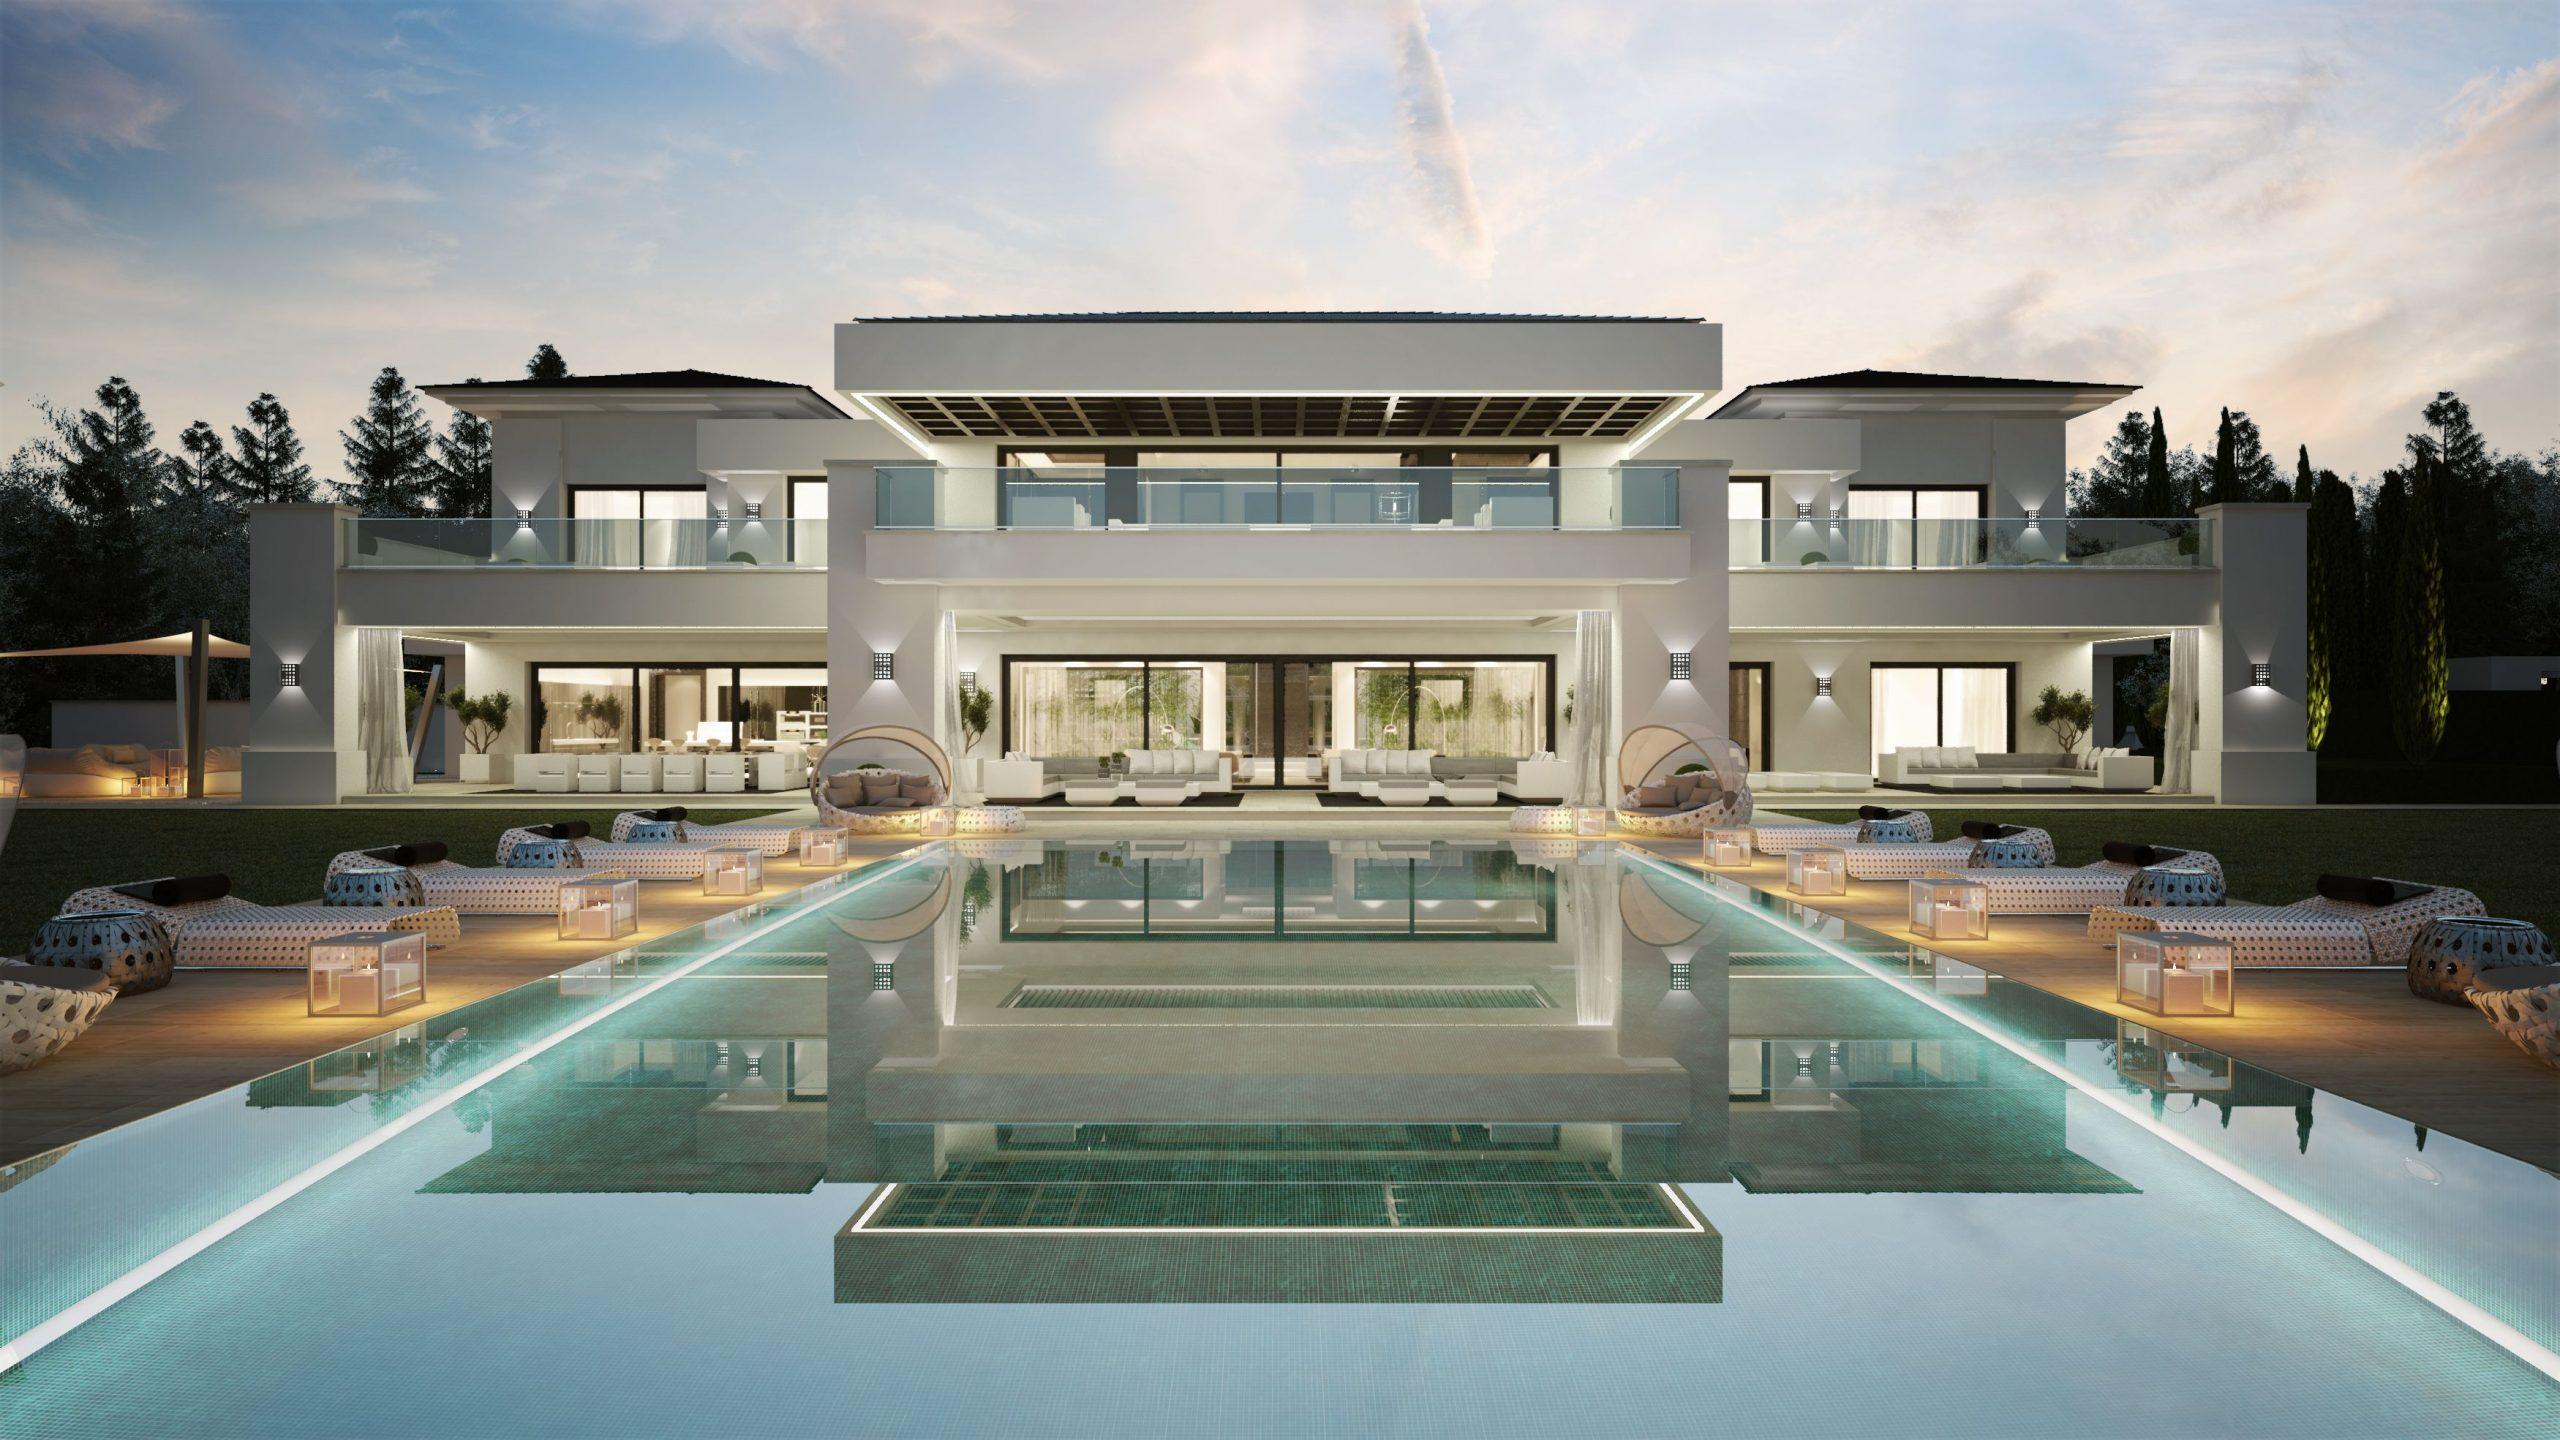 26 Maisons De Rêve Avec Piscine | Maison De Luxe, Plan ... pour Villa En Espagne Avec Piscine